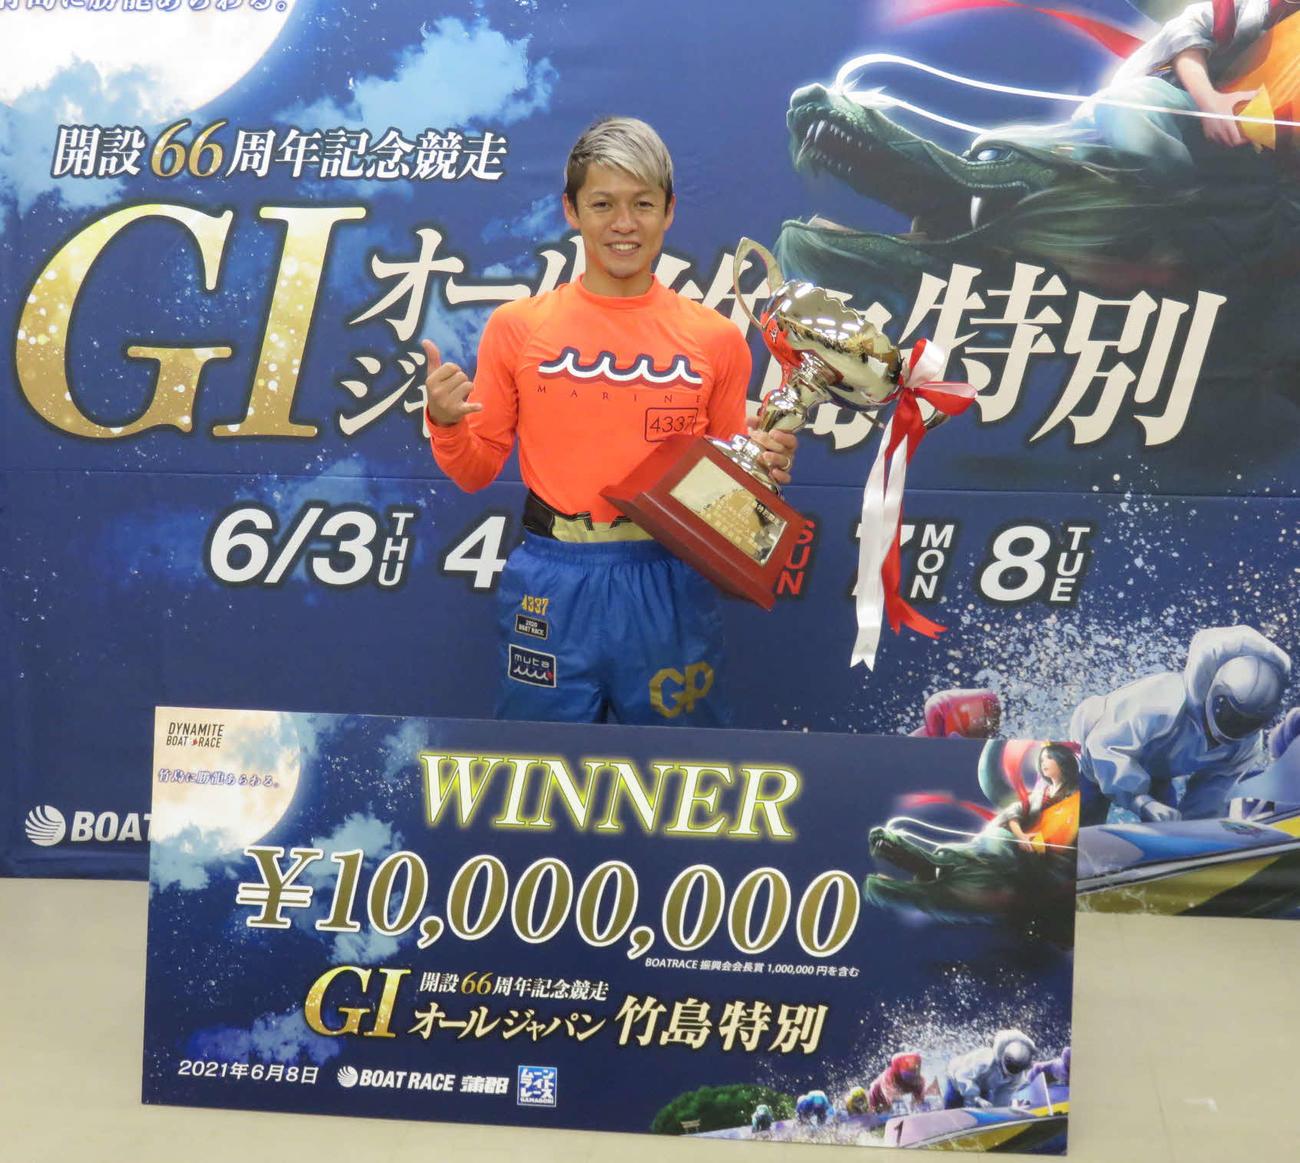 平本真之が待望の蒲郡G1初優勝を決めた